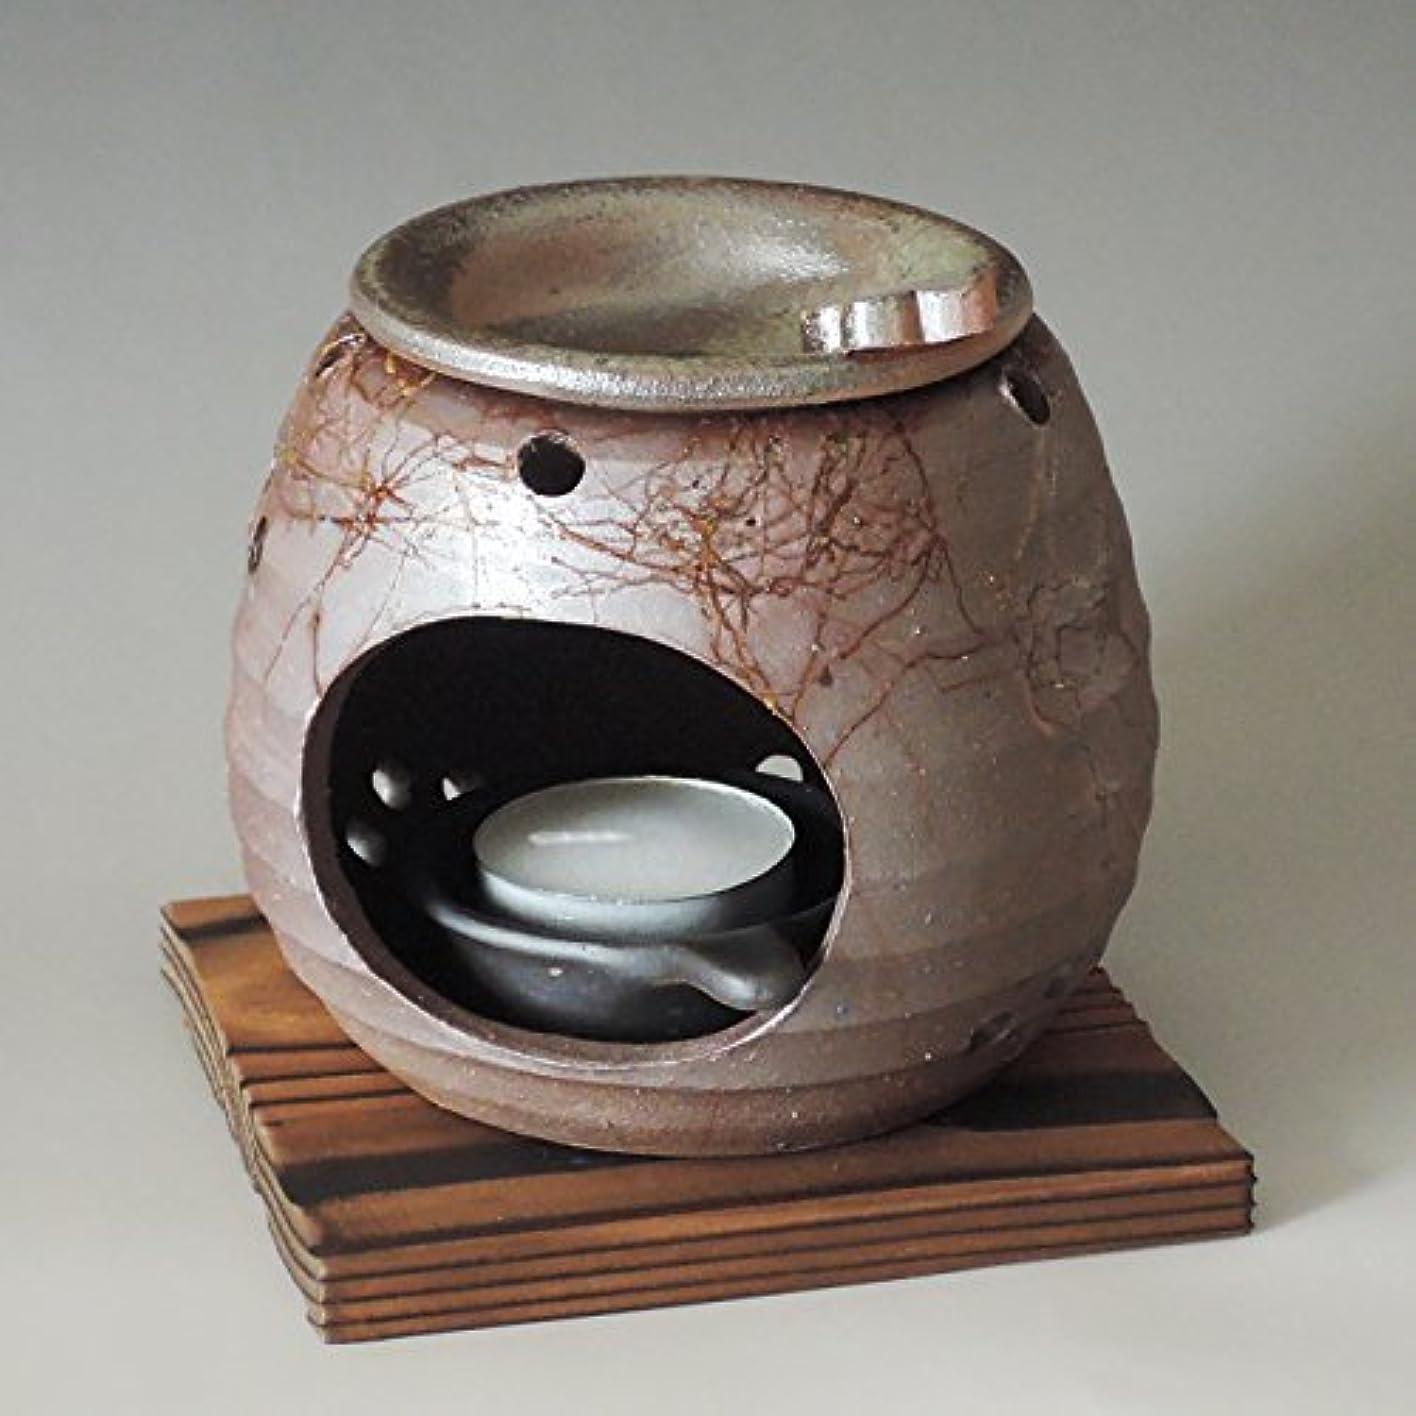 永久放散するアーティキュレーション茶香炉 常滑焼 石龍作「藻掛け」川本屋茶舗